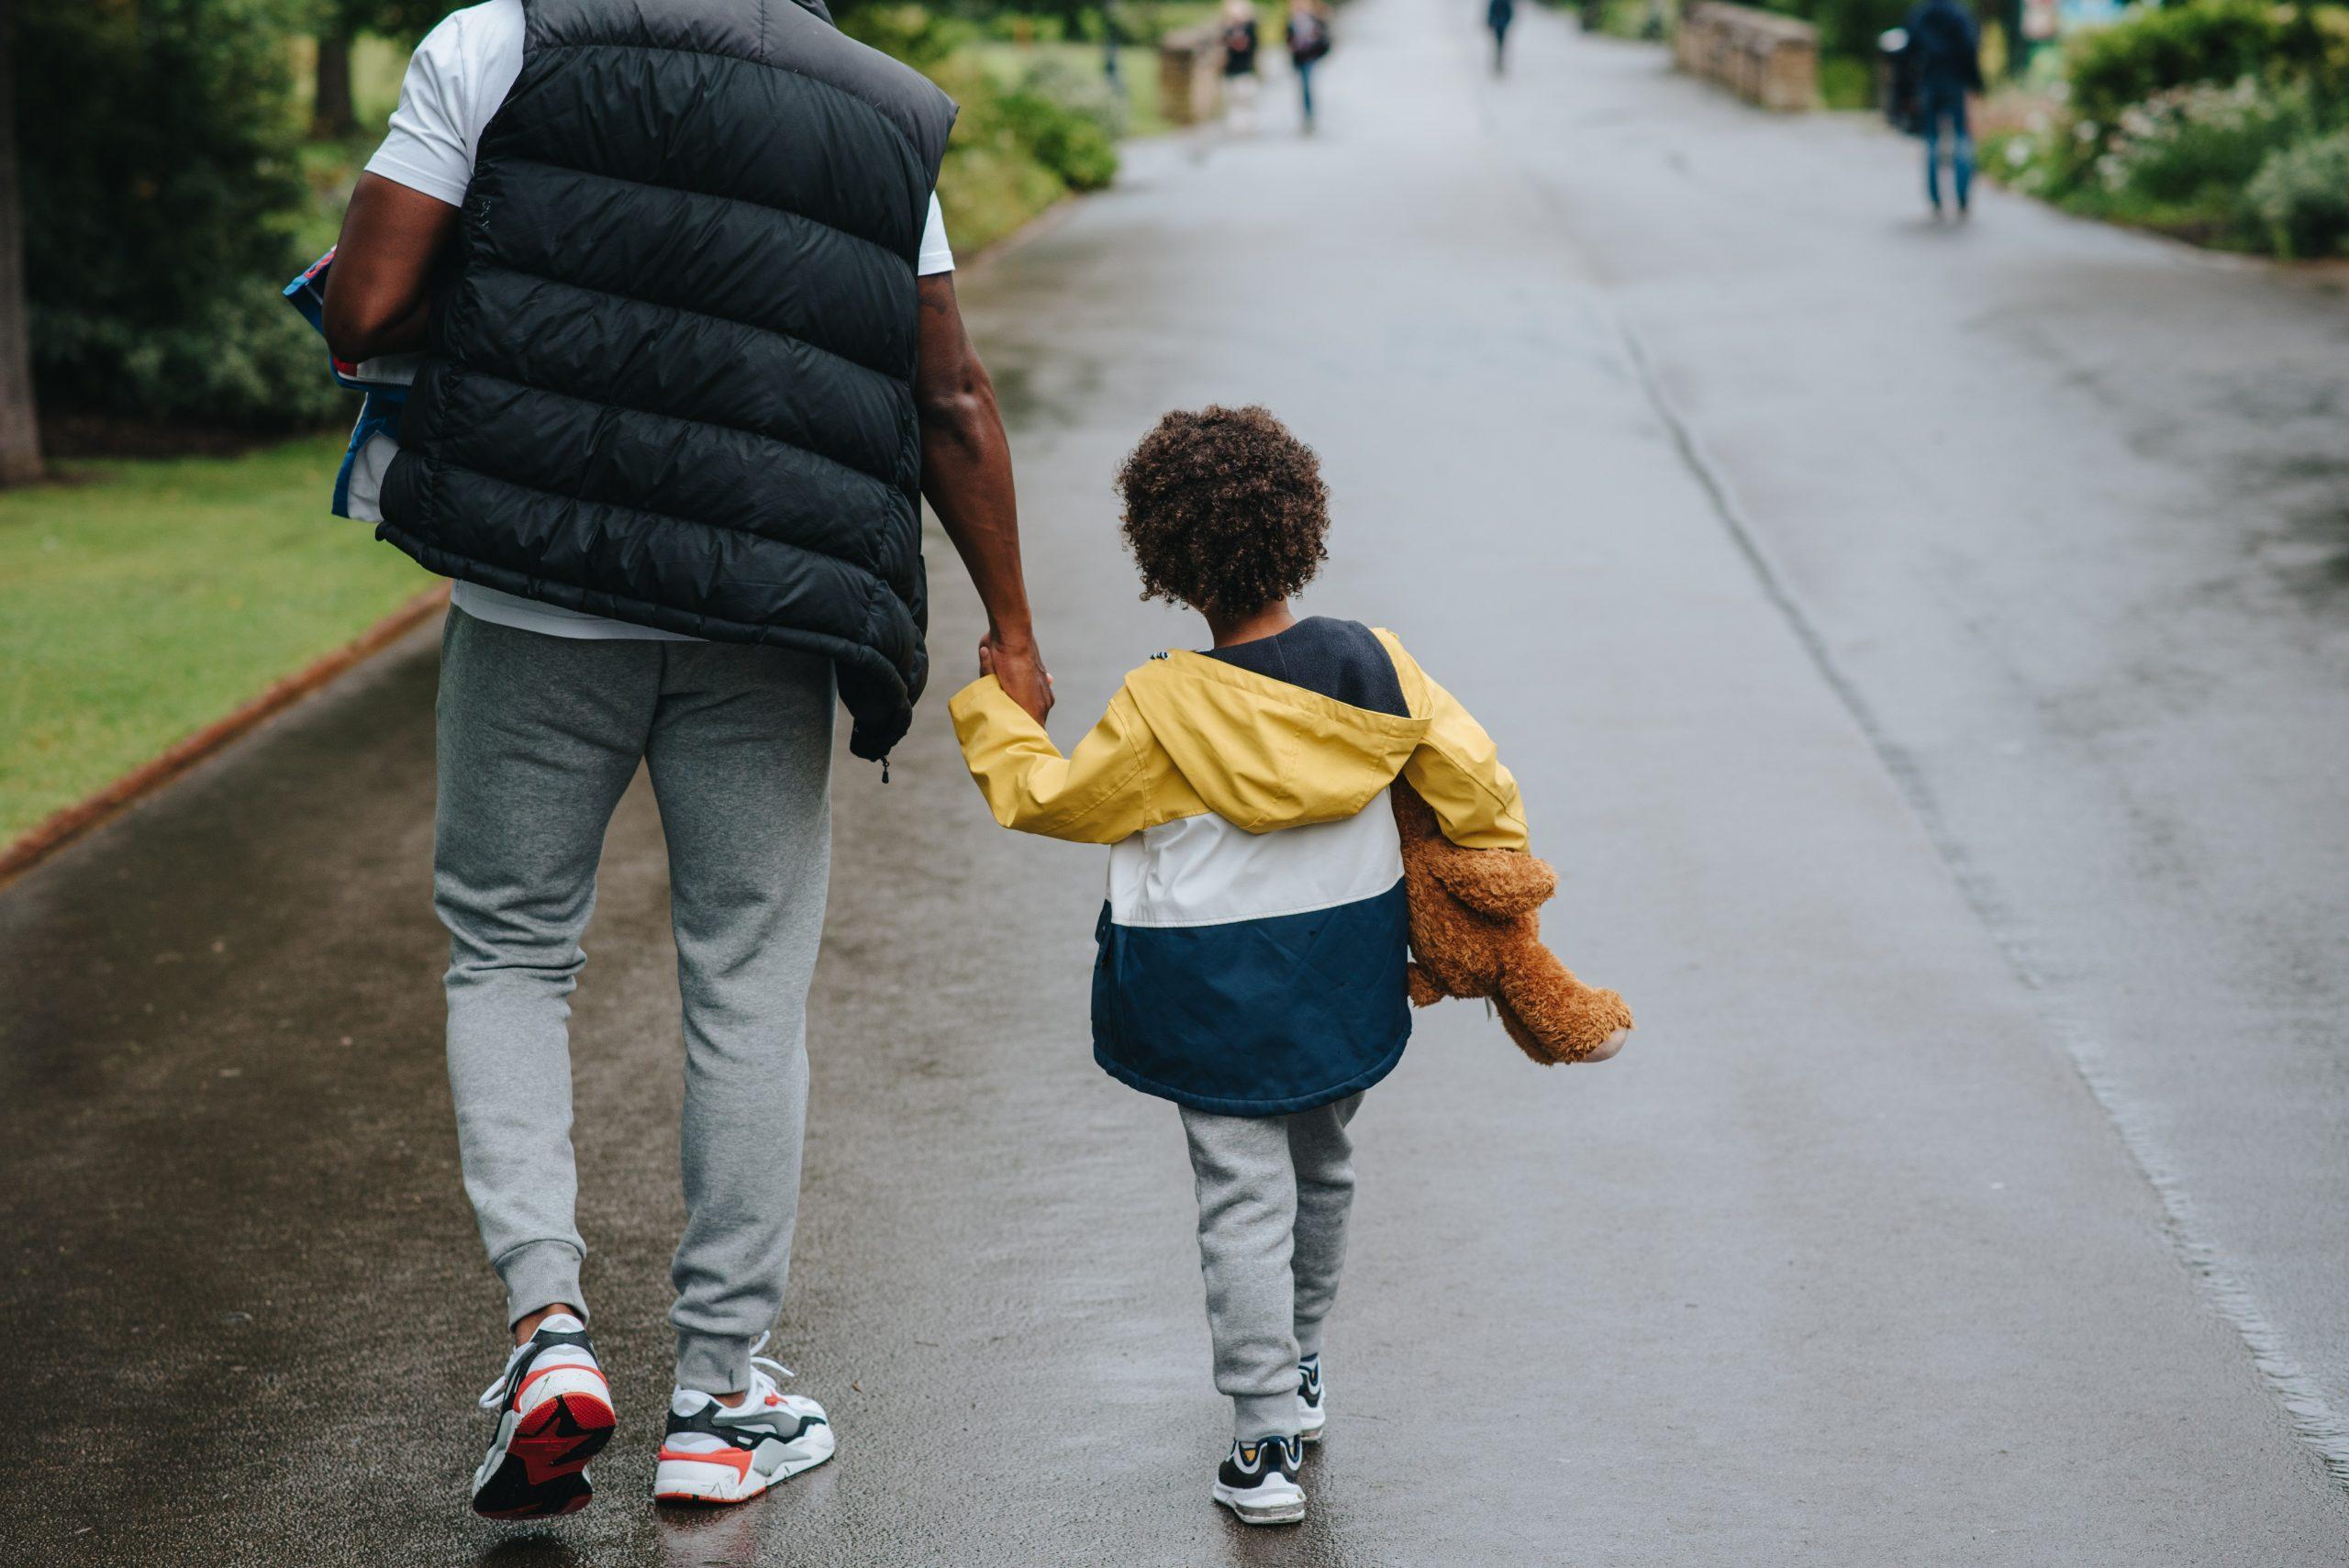 5 Tips on Co-Parenting After Divorce | Parent Cue Blog